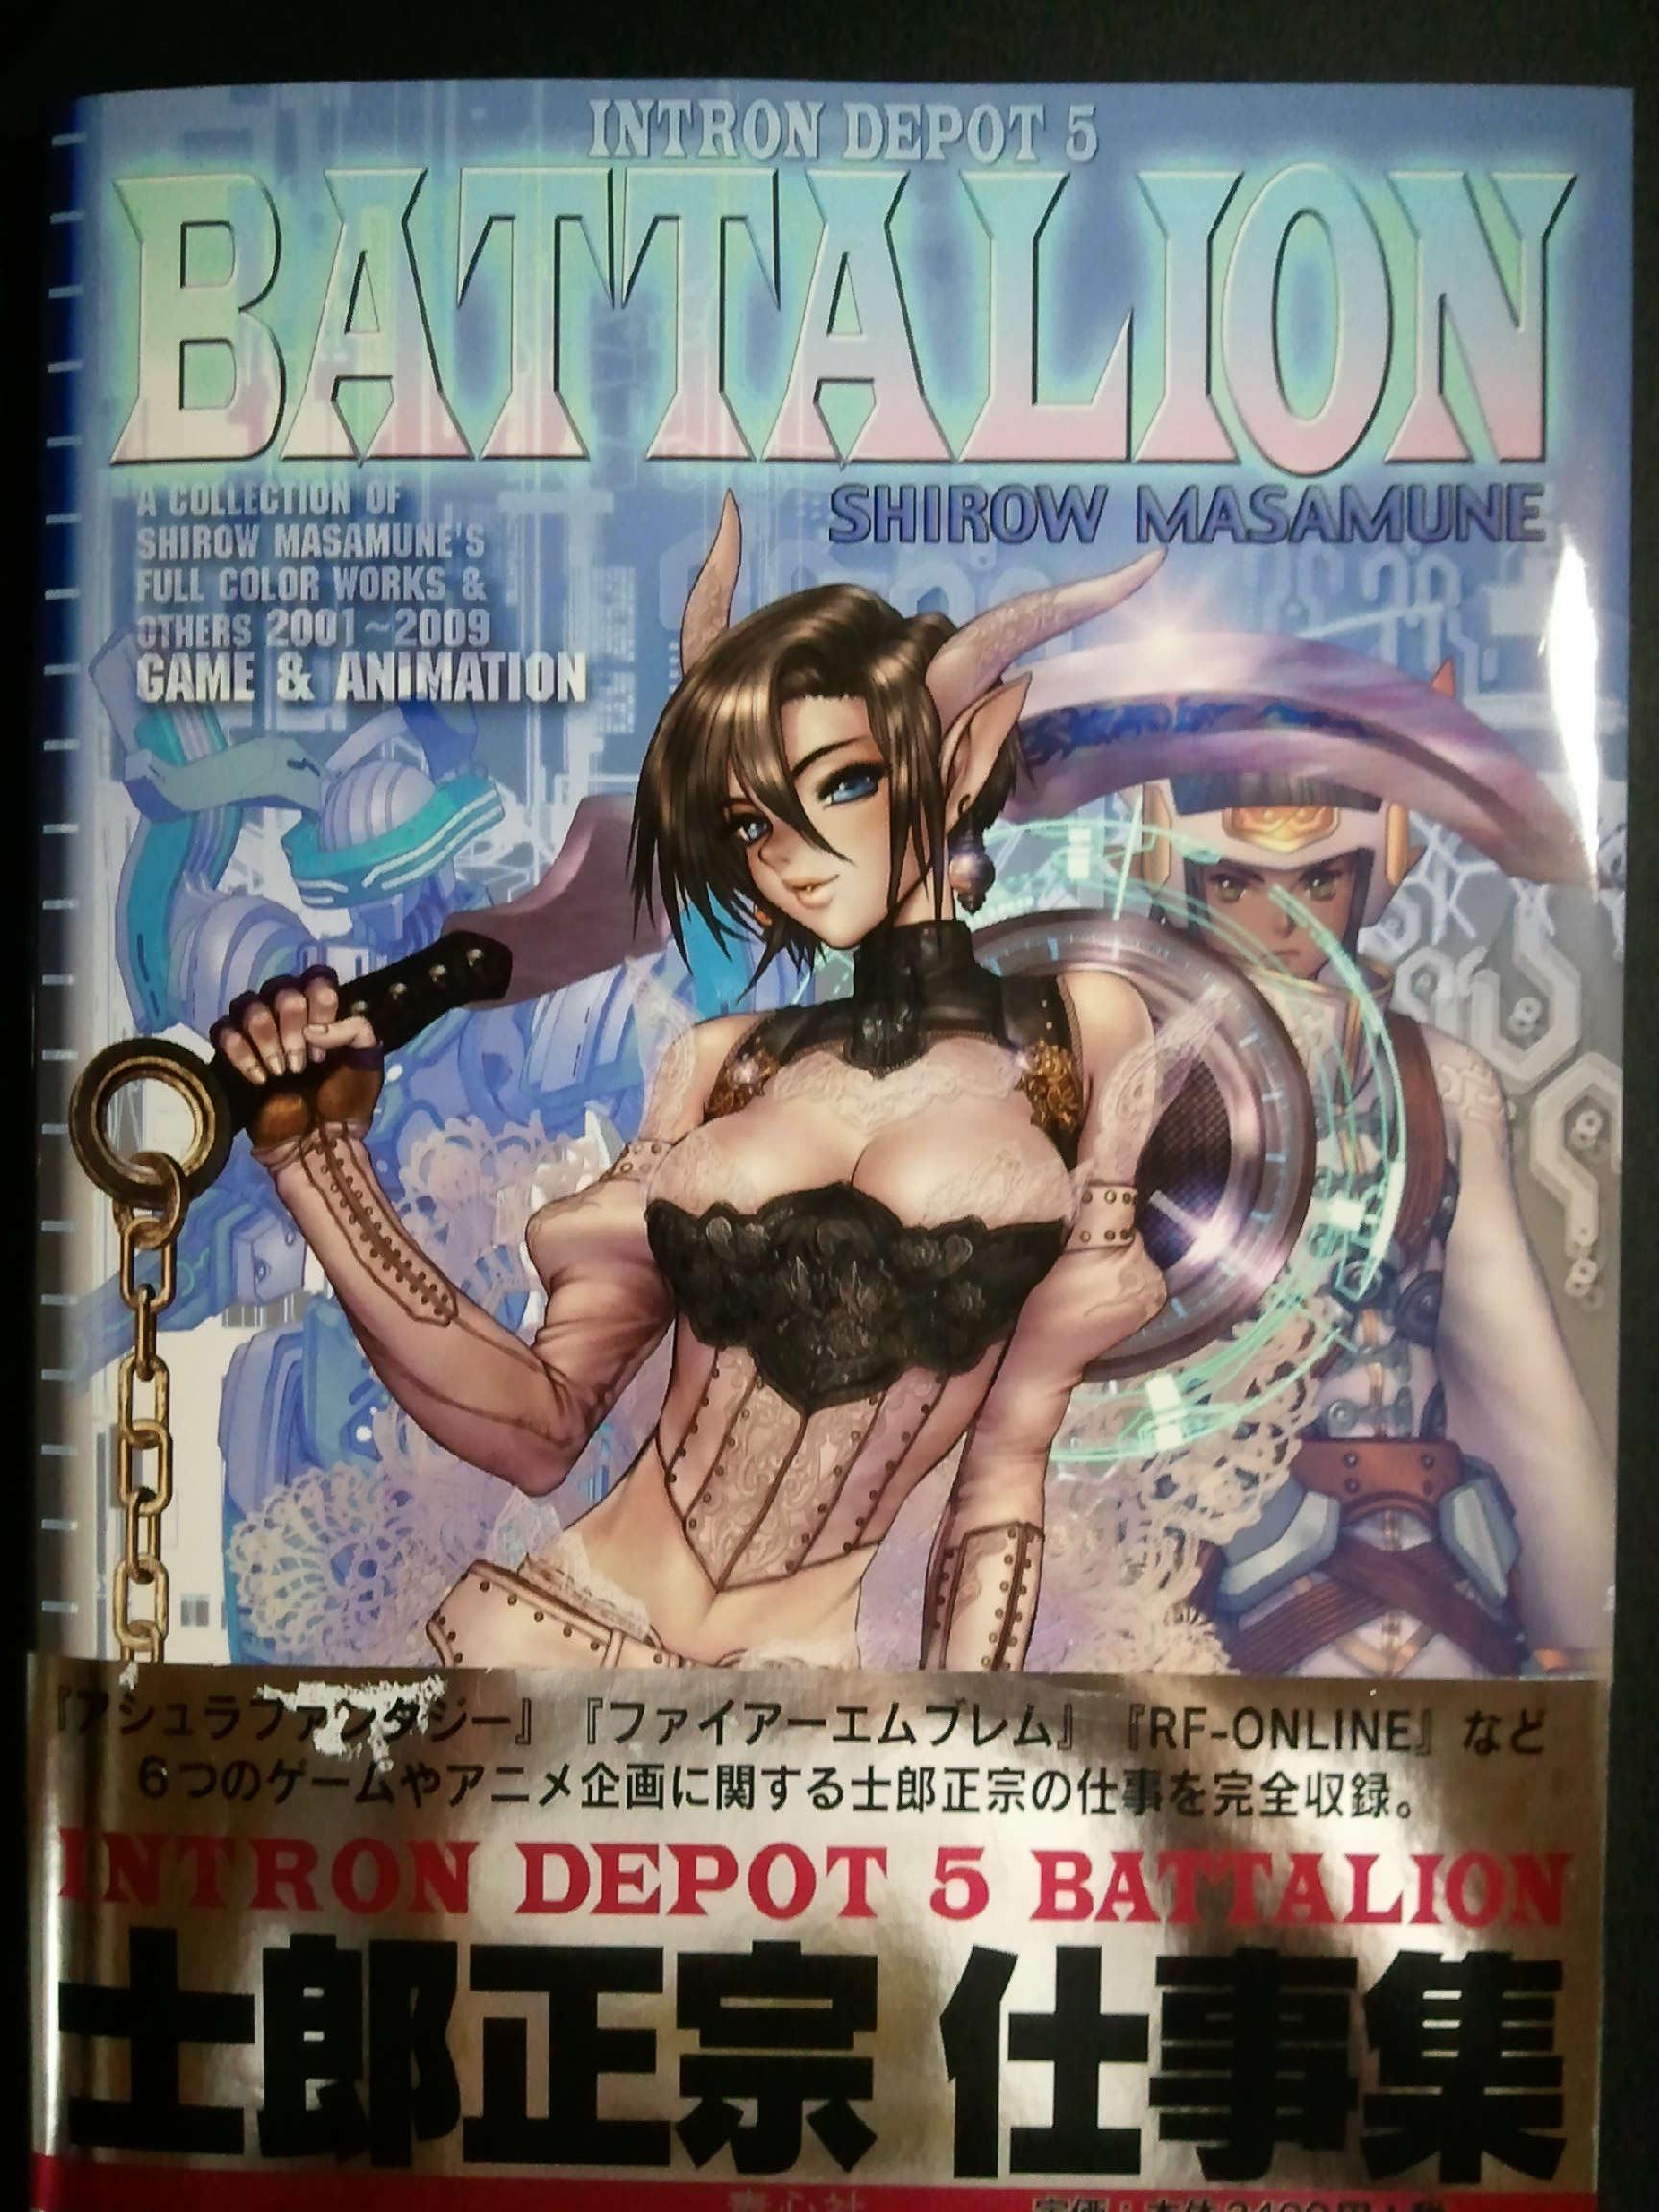 士郎正宗 Intron Depot 5 Battalion